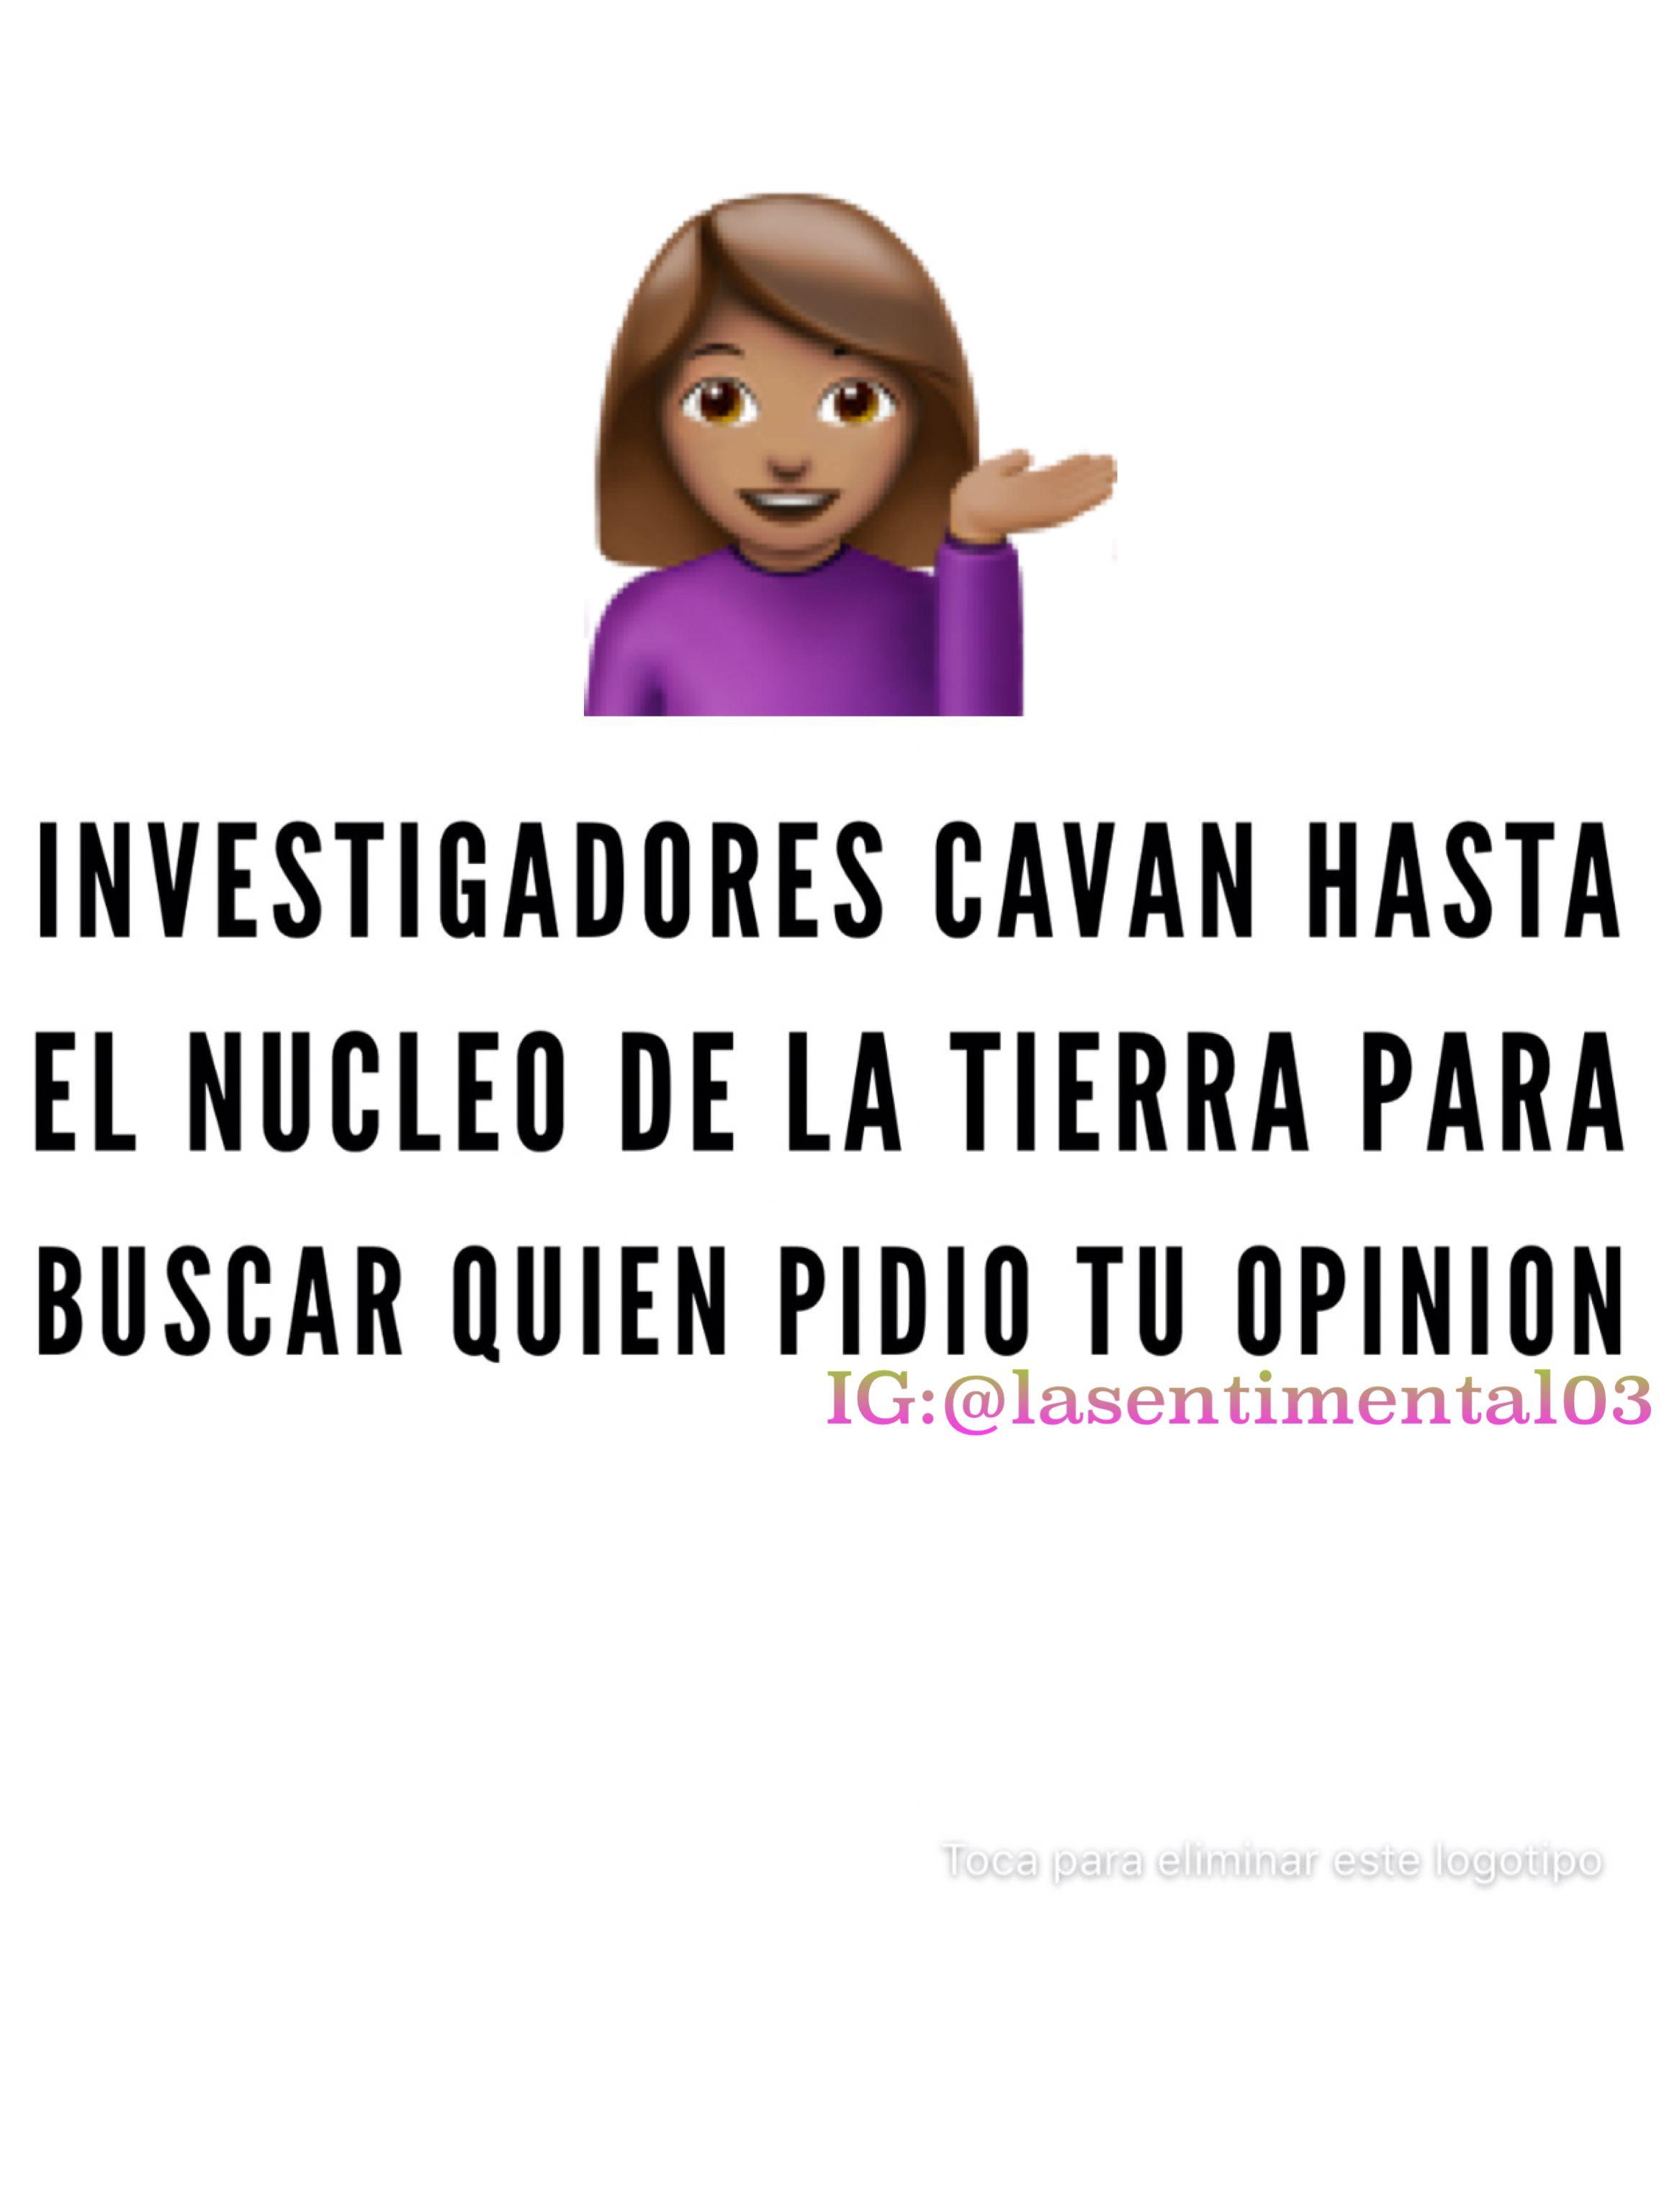 Frases Frases En Español Quotes Frases De Chicas Indirectas Directas Frases Sarcasticas Citas En Español Frases Chistes